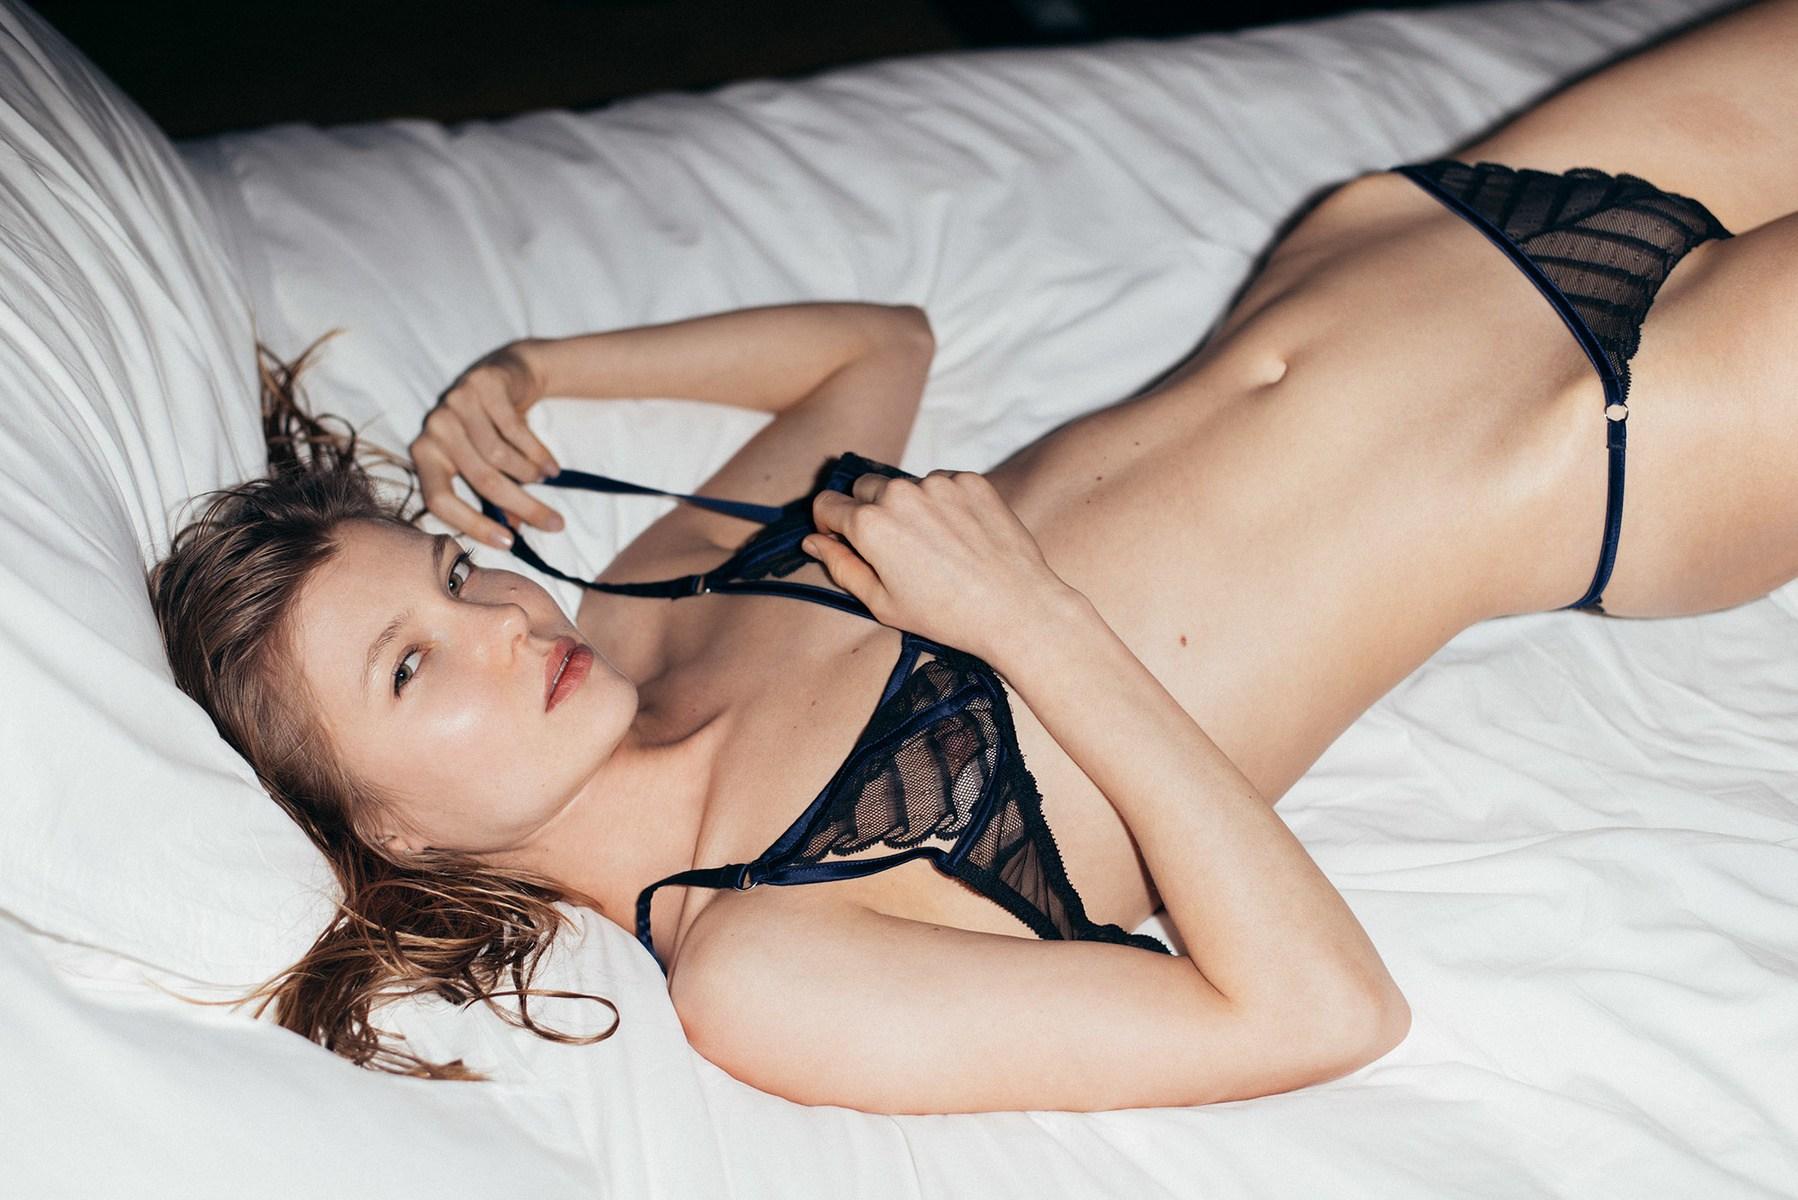 hogyan lehet péniszet csinálni a barátnődnek